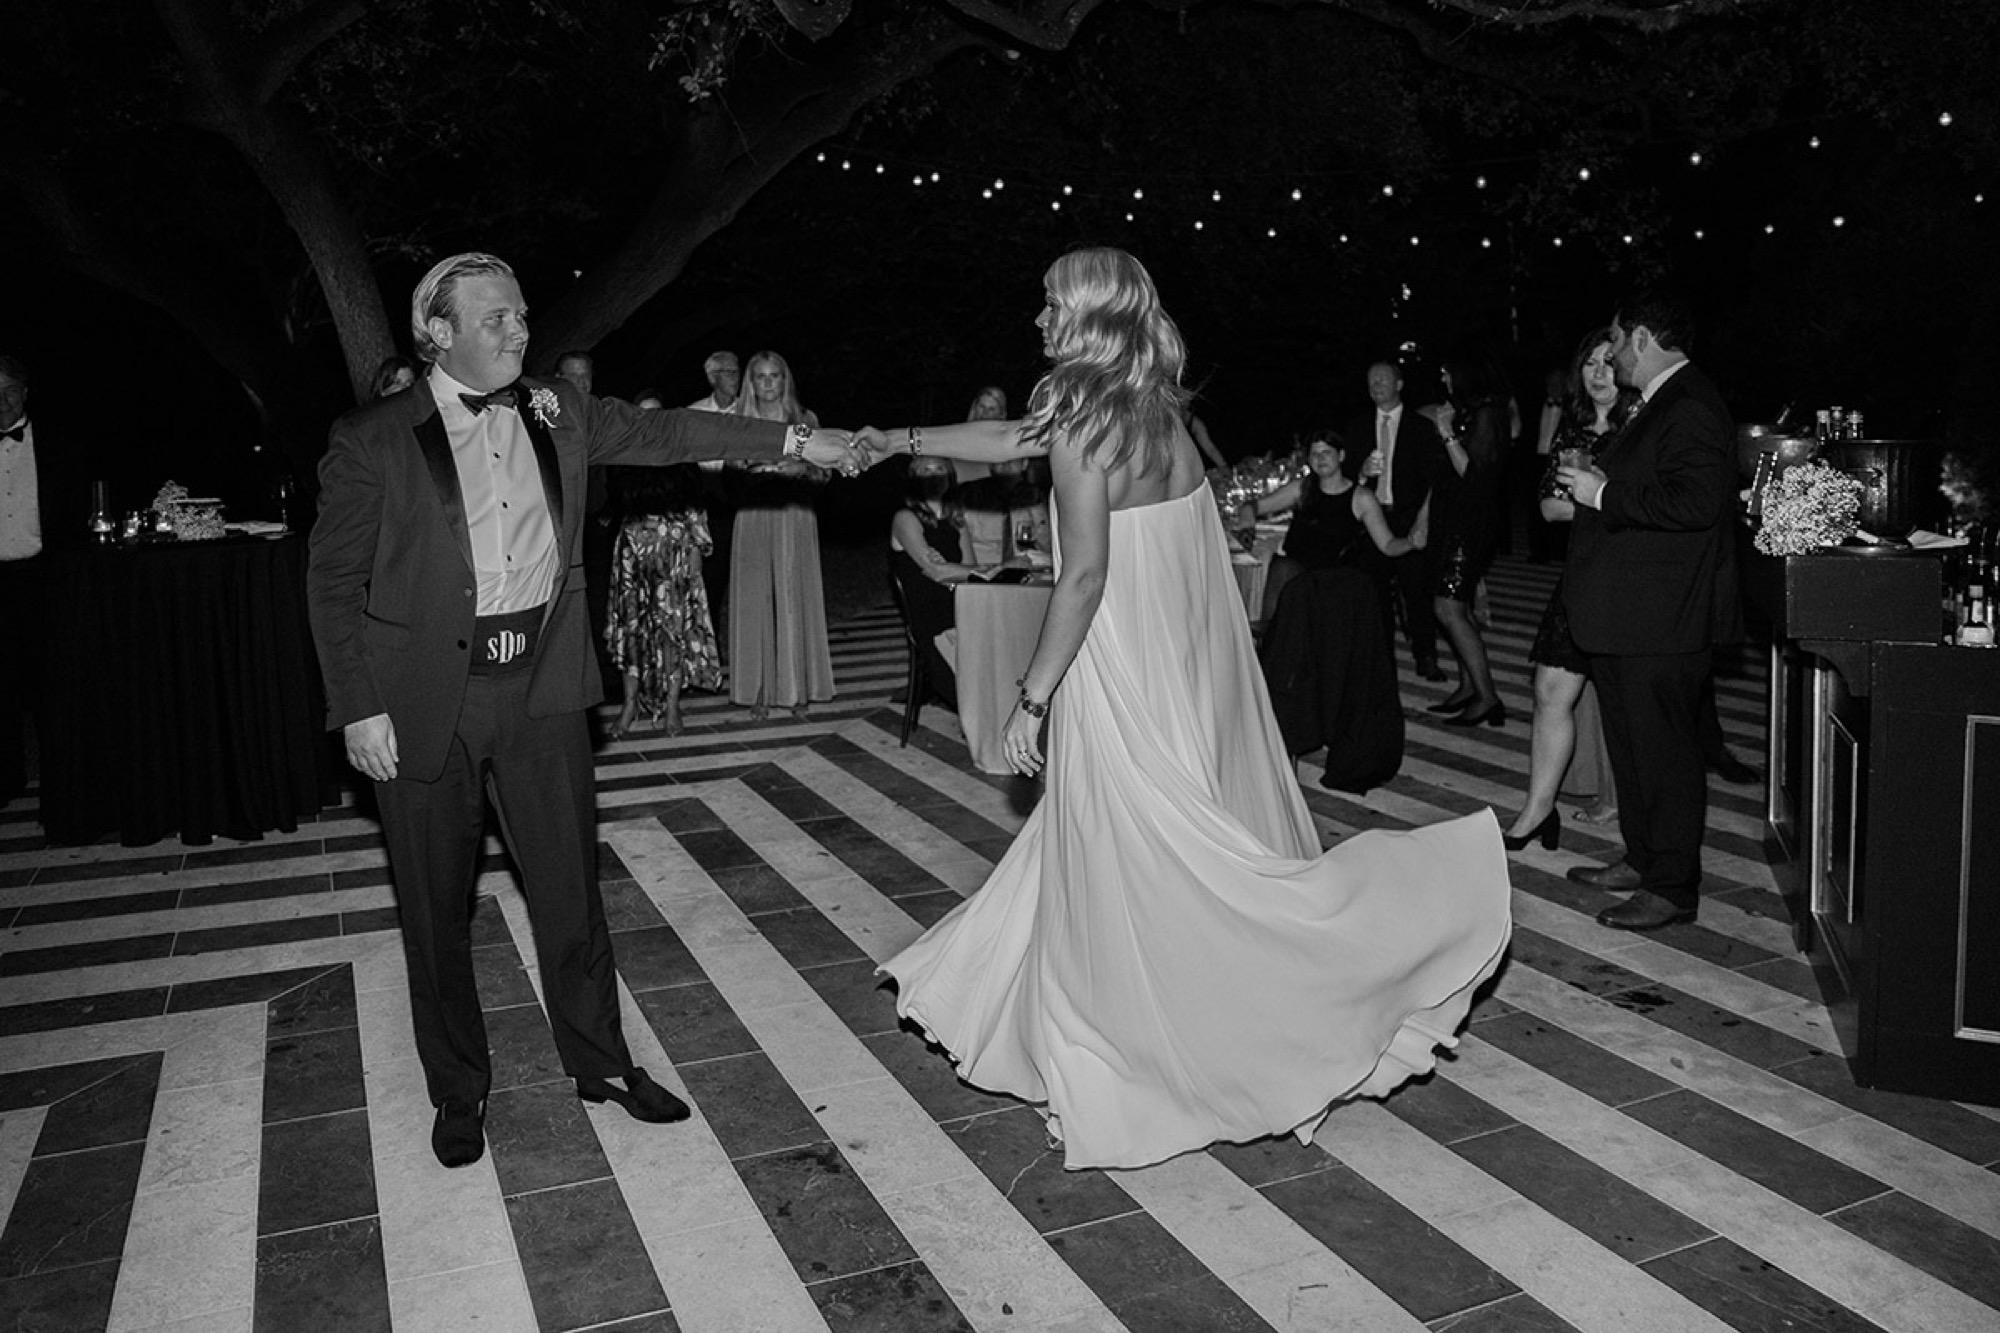 NCN Bride and Groom dancingJPG